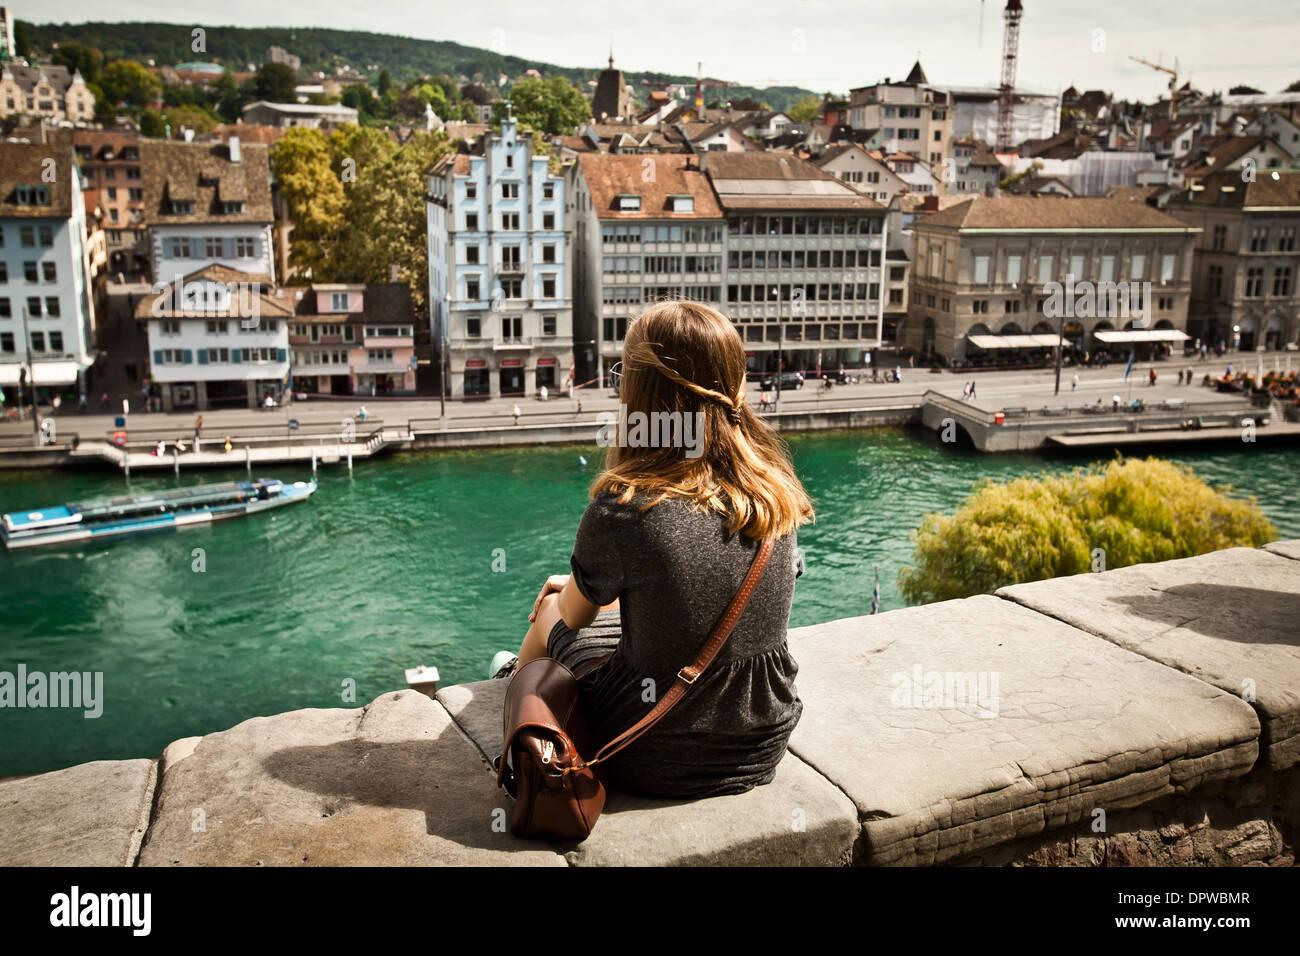 Una giovane donna sightseeing bella vista di Zurigo, Svizzera Immagini Stock